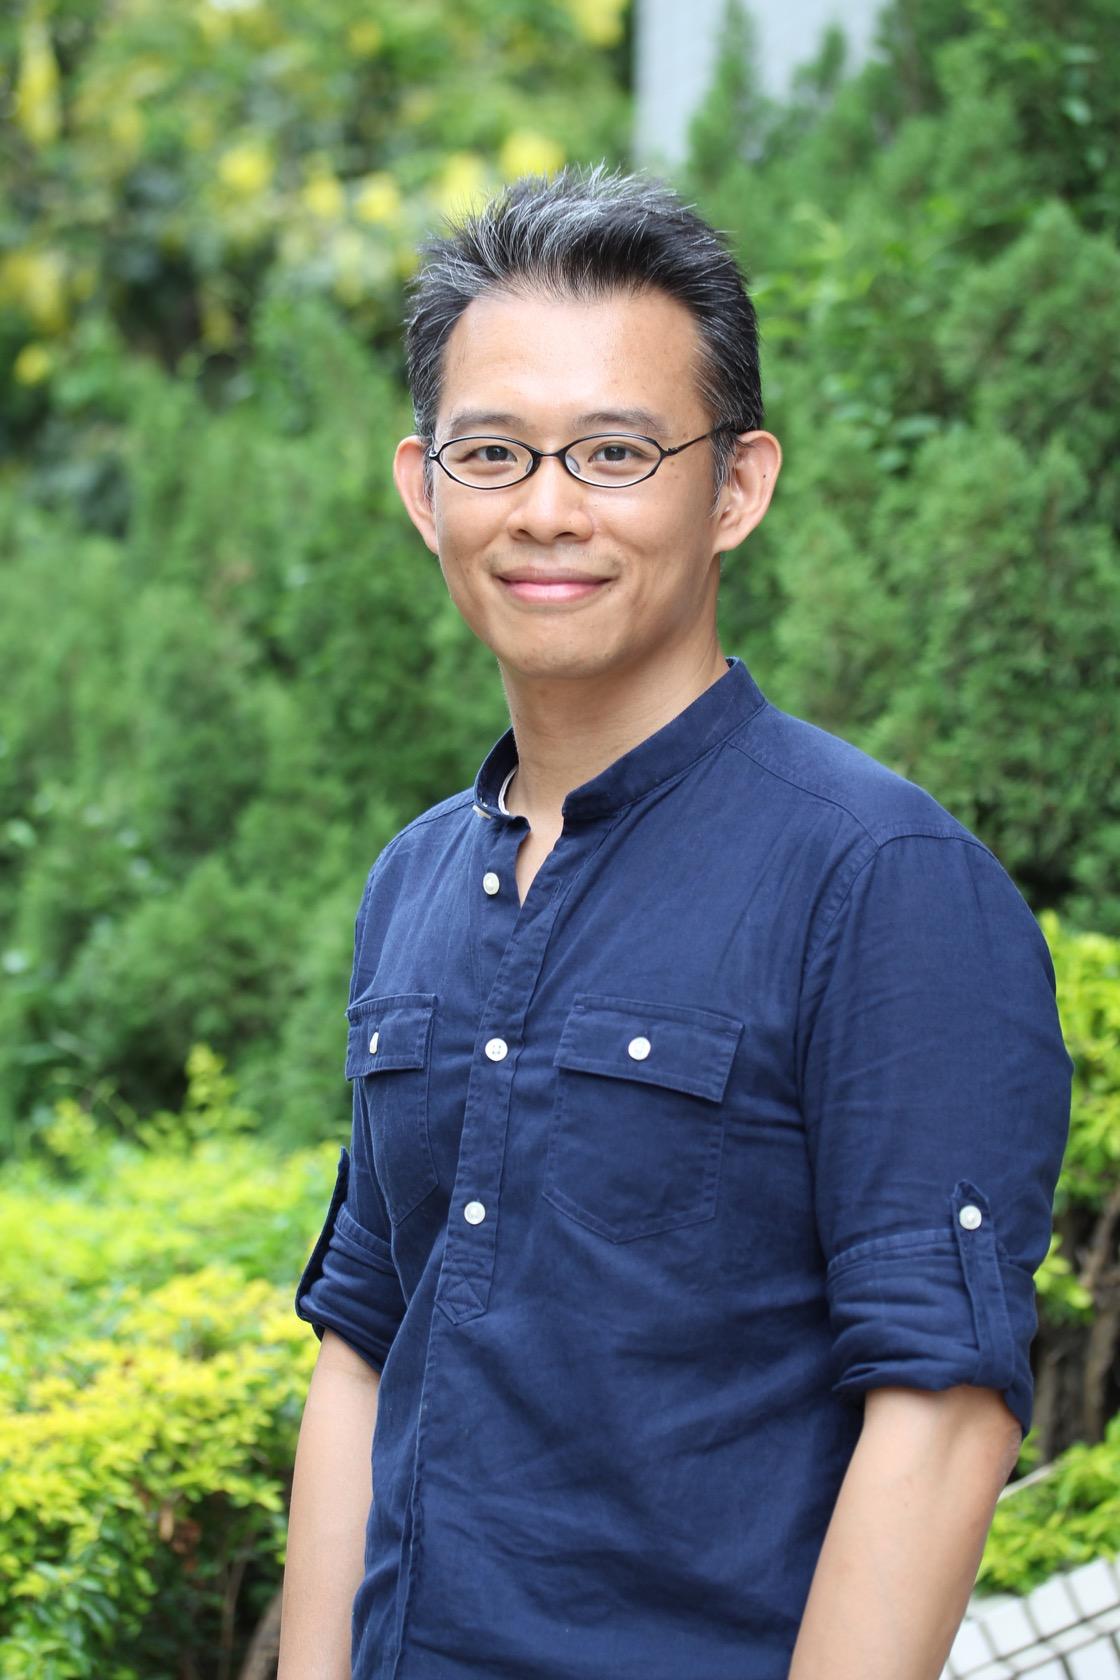 昆蟲系李後鋒副教授榮獲科技部吳大猷先生紀念獎